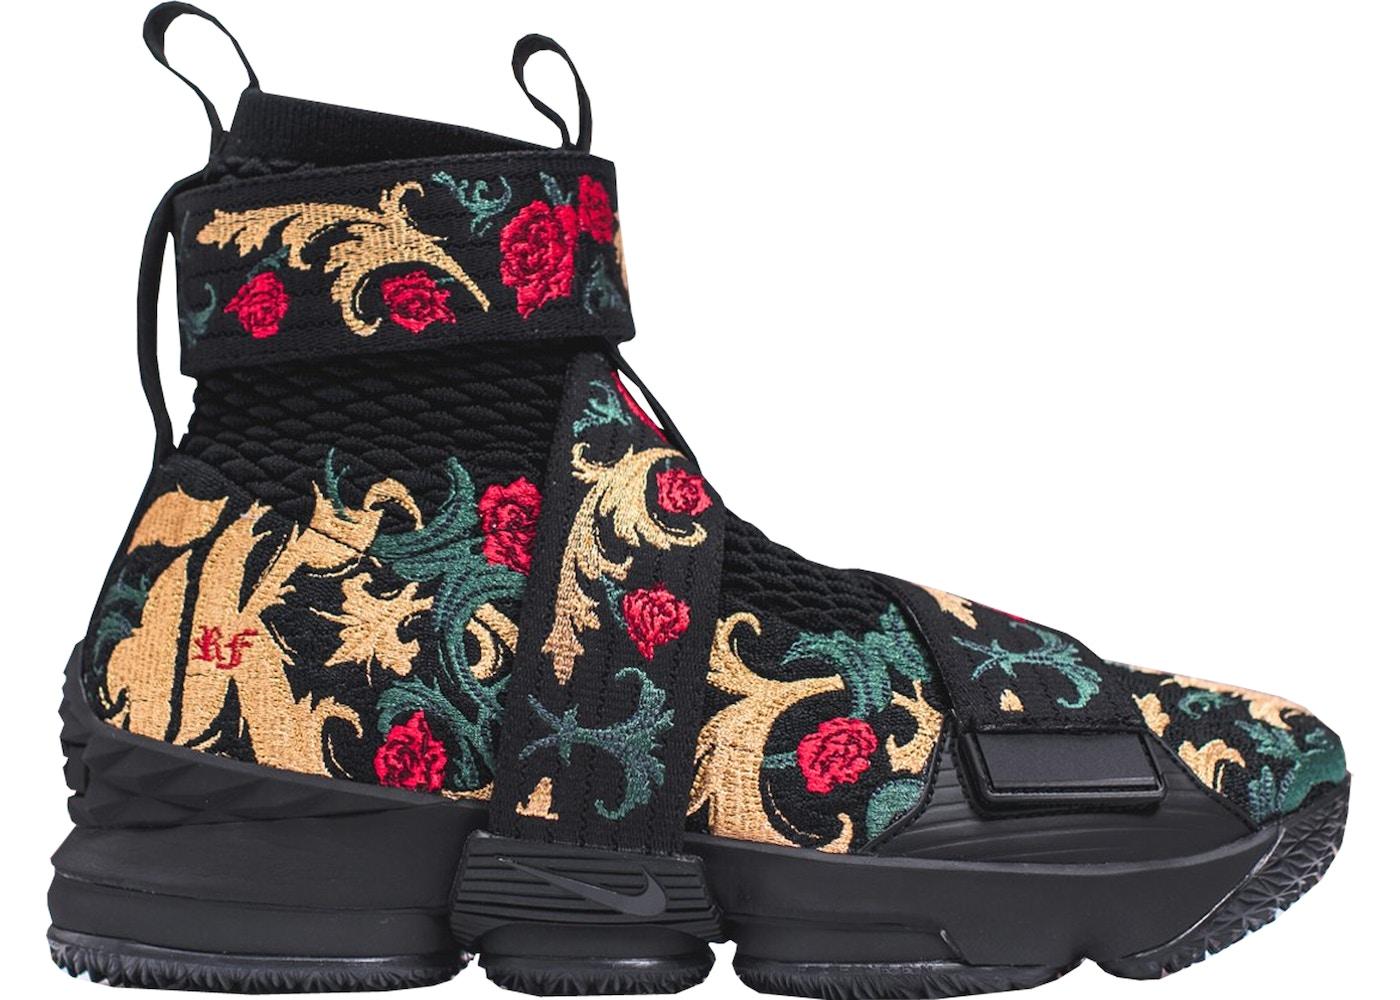 separation shoes 6e3d5 49cde Nike LeBron 15 Shoes - Last Sale